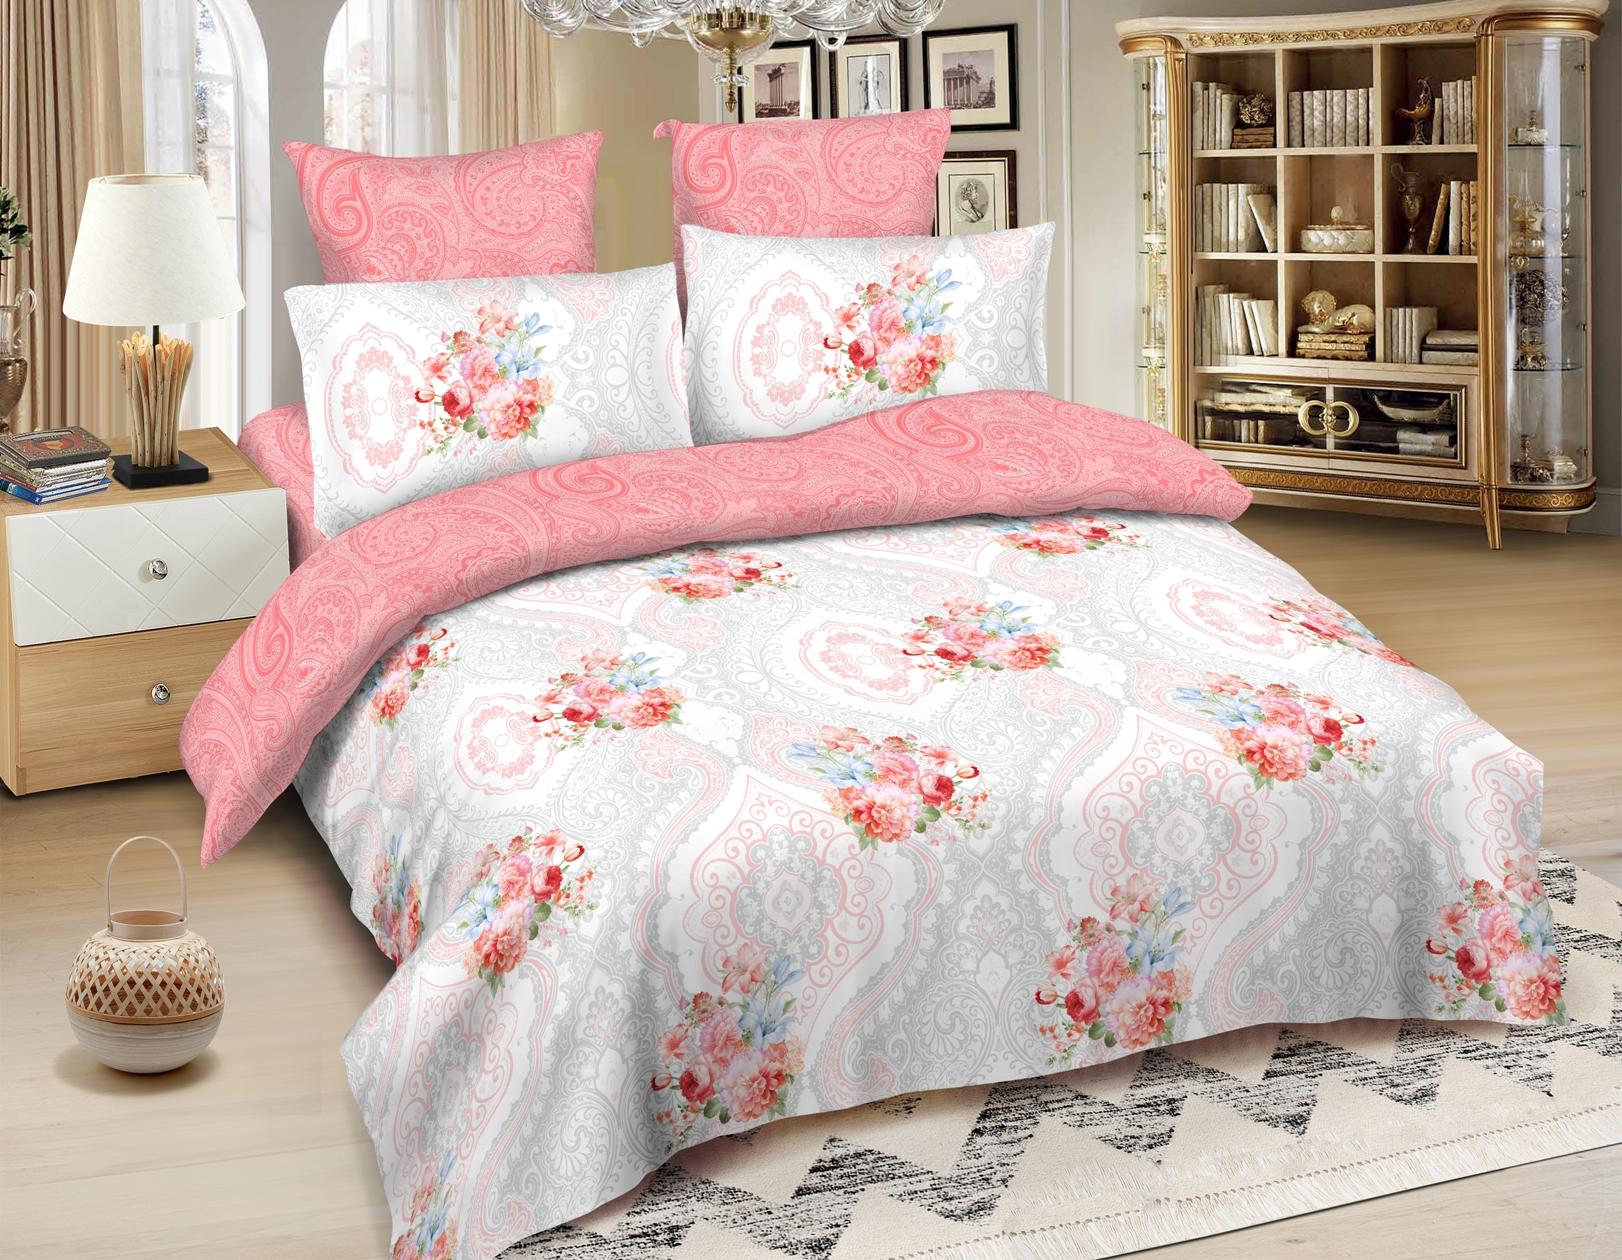 Комплекты постельного белья Amore Mio, Постельное белье Quito (2 сп. евро), Китай, Розовый, Хлопковый сатин  - Купить